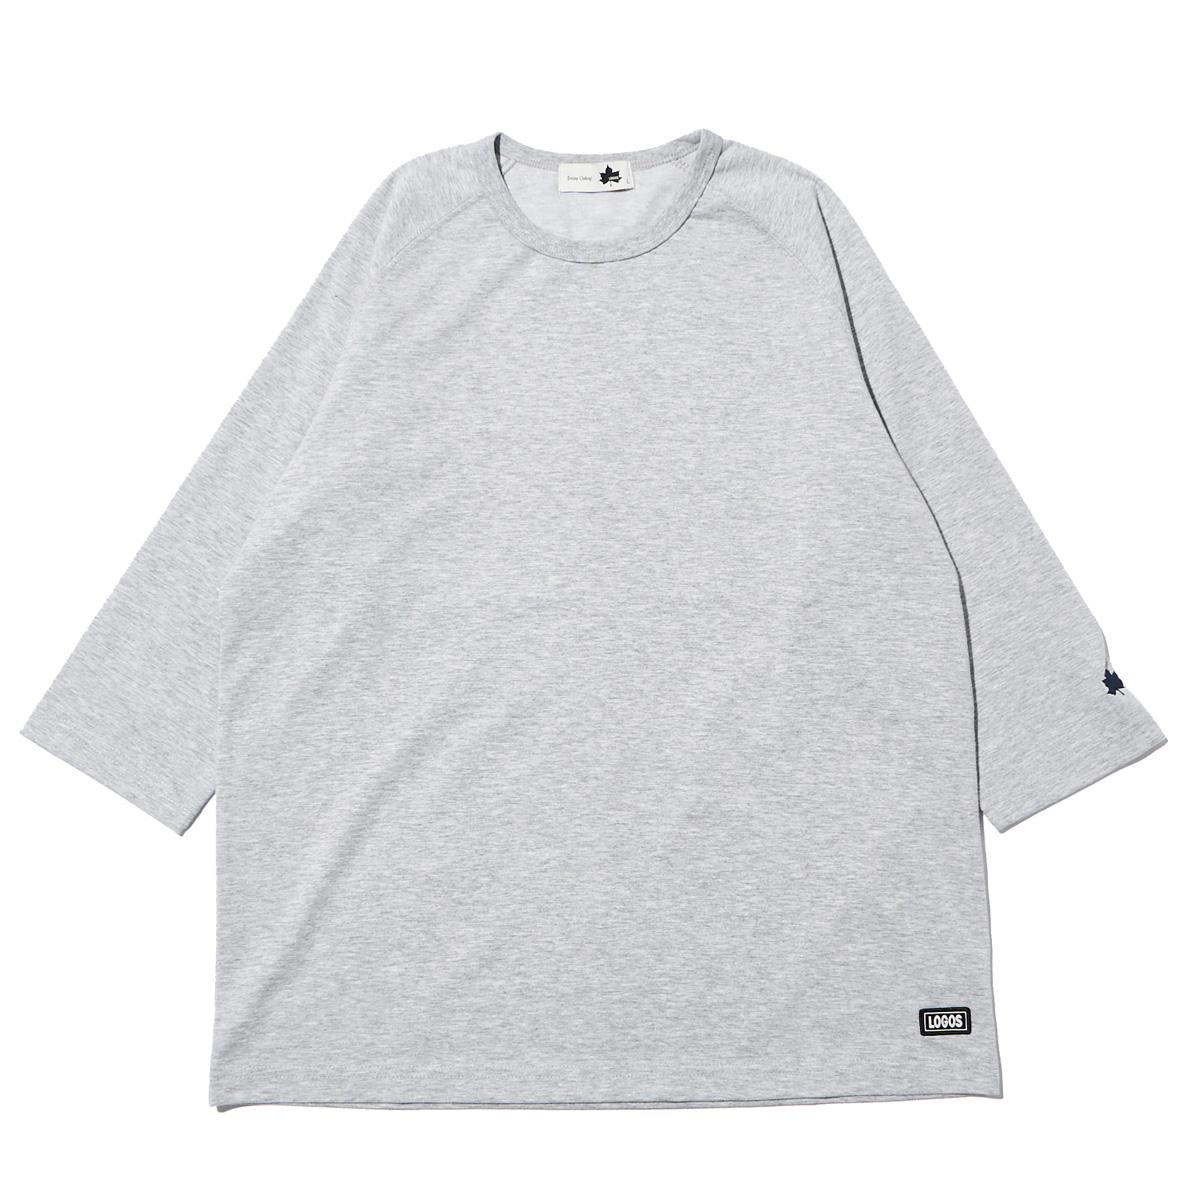 ドライ7分袖Tシャツ